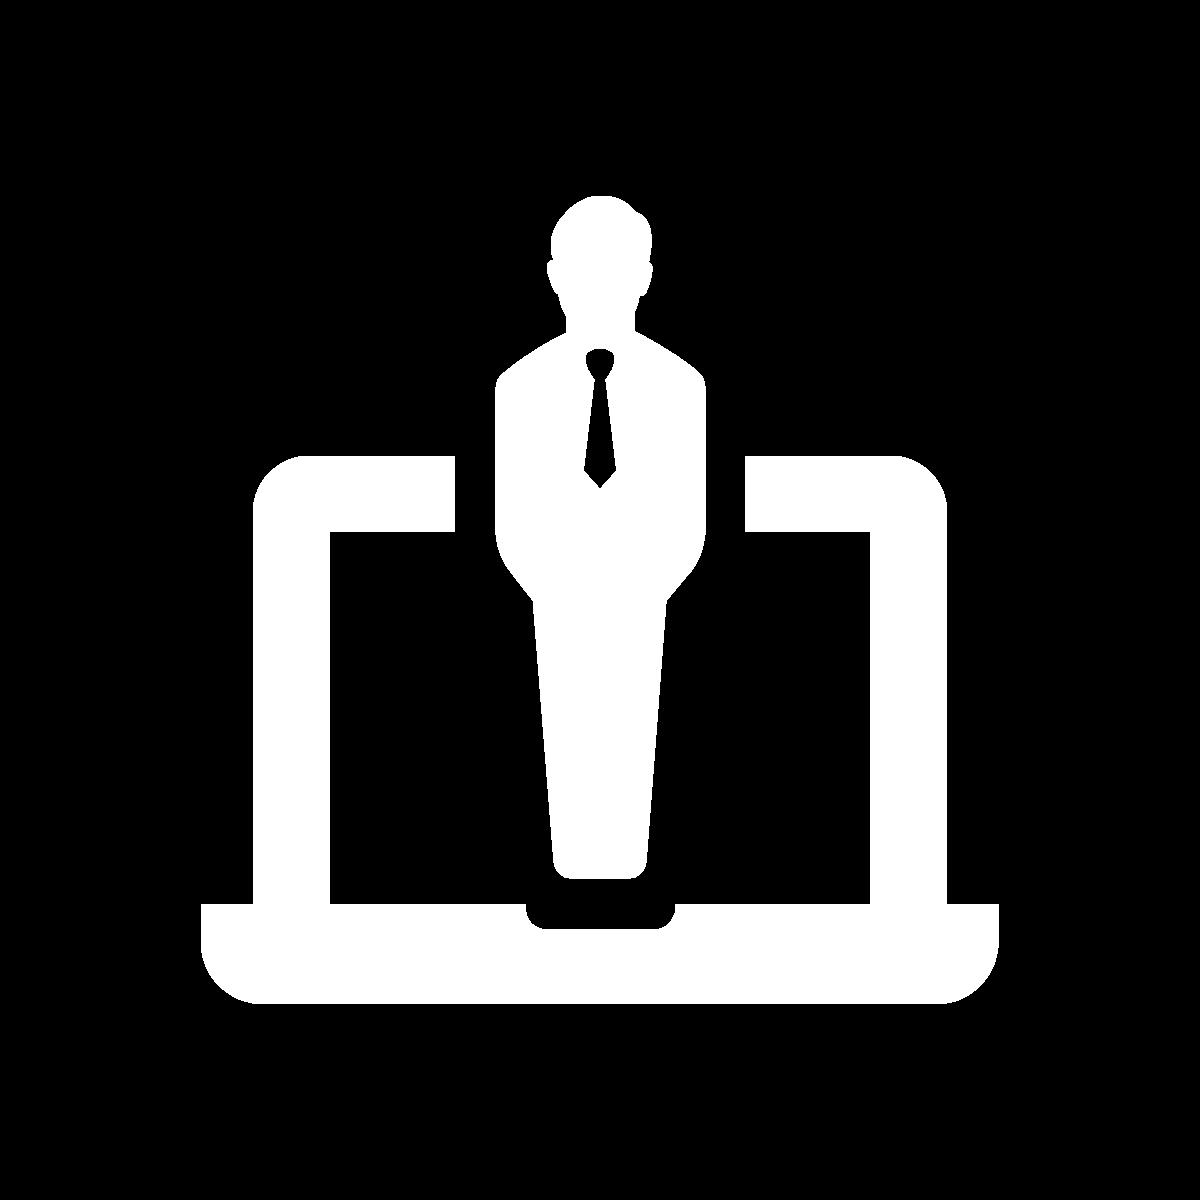 osteobites icon